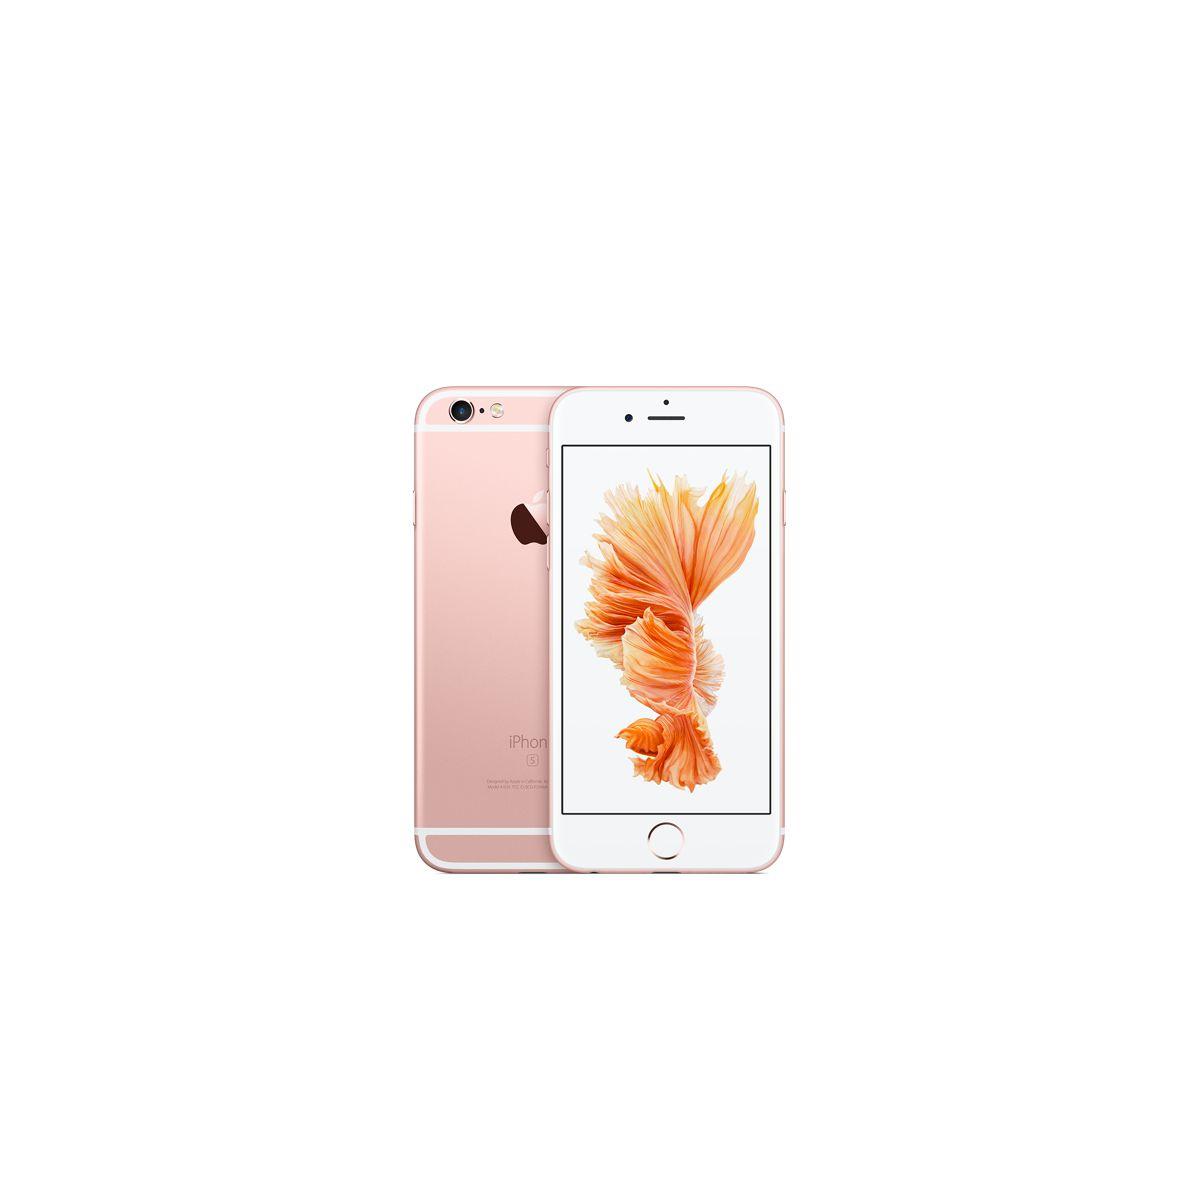 Apple iphone 6s 128go or rose - 2% de remise immédiate avec le code : fete2 (photo)